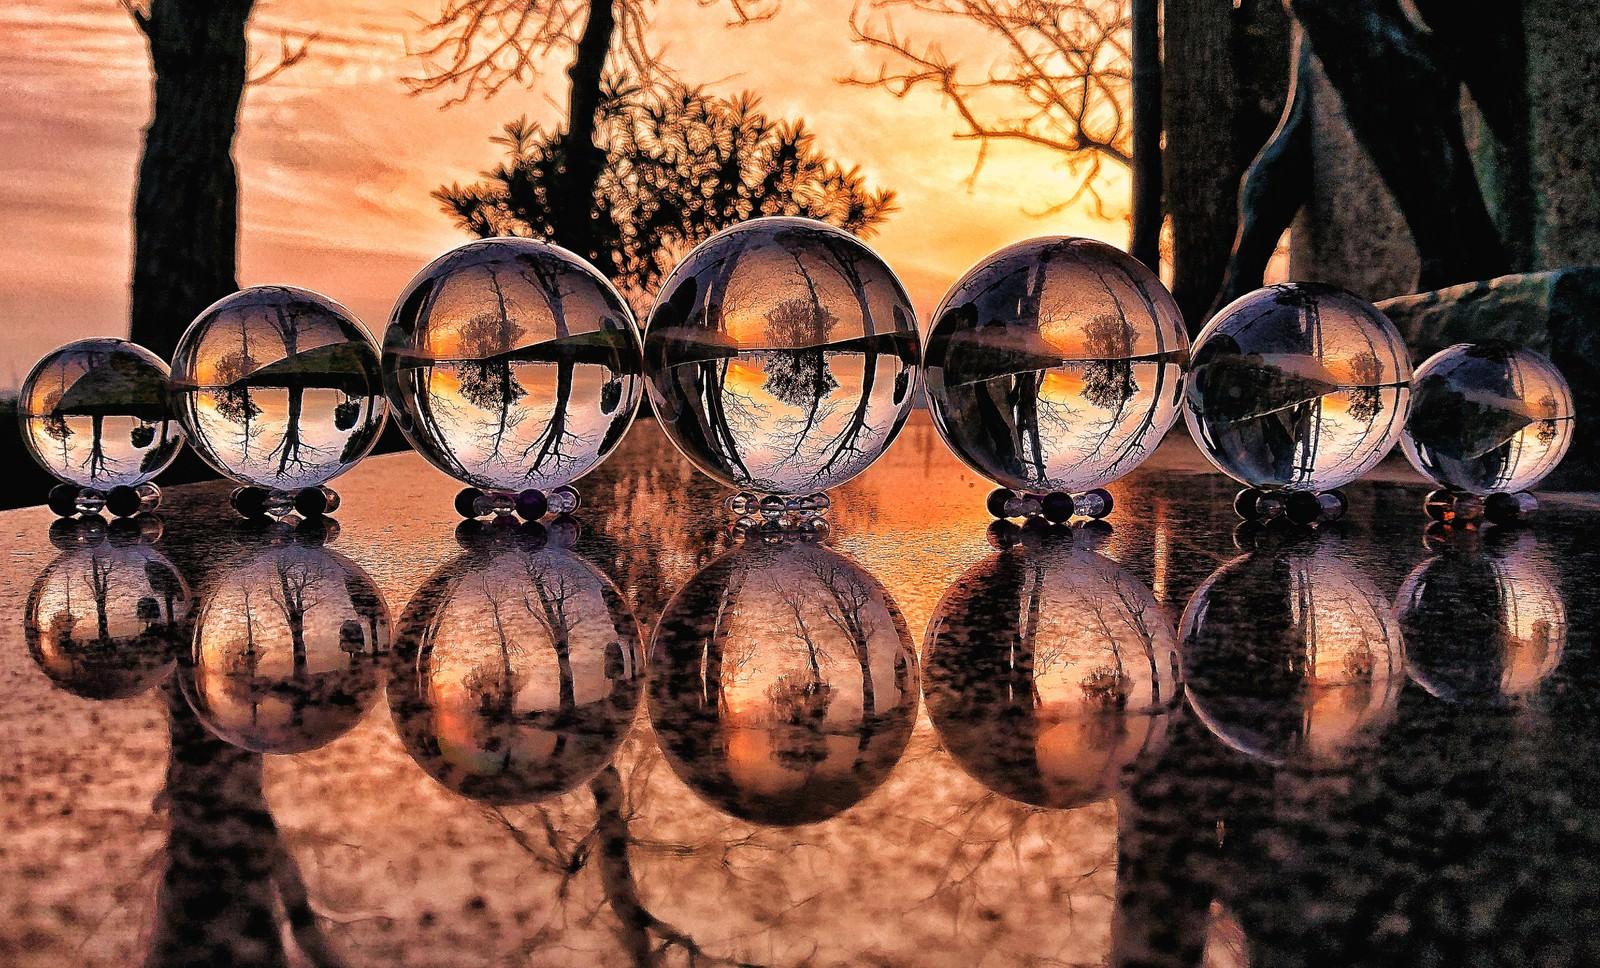 「水晶越しに見る夕焼けとリフレクション」の写真